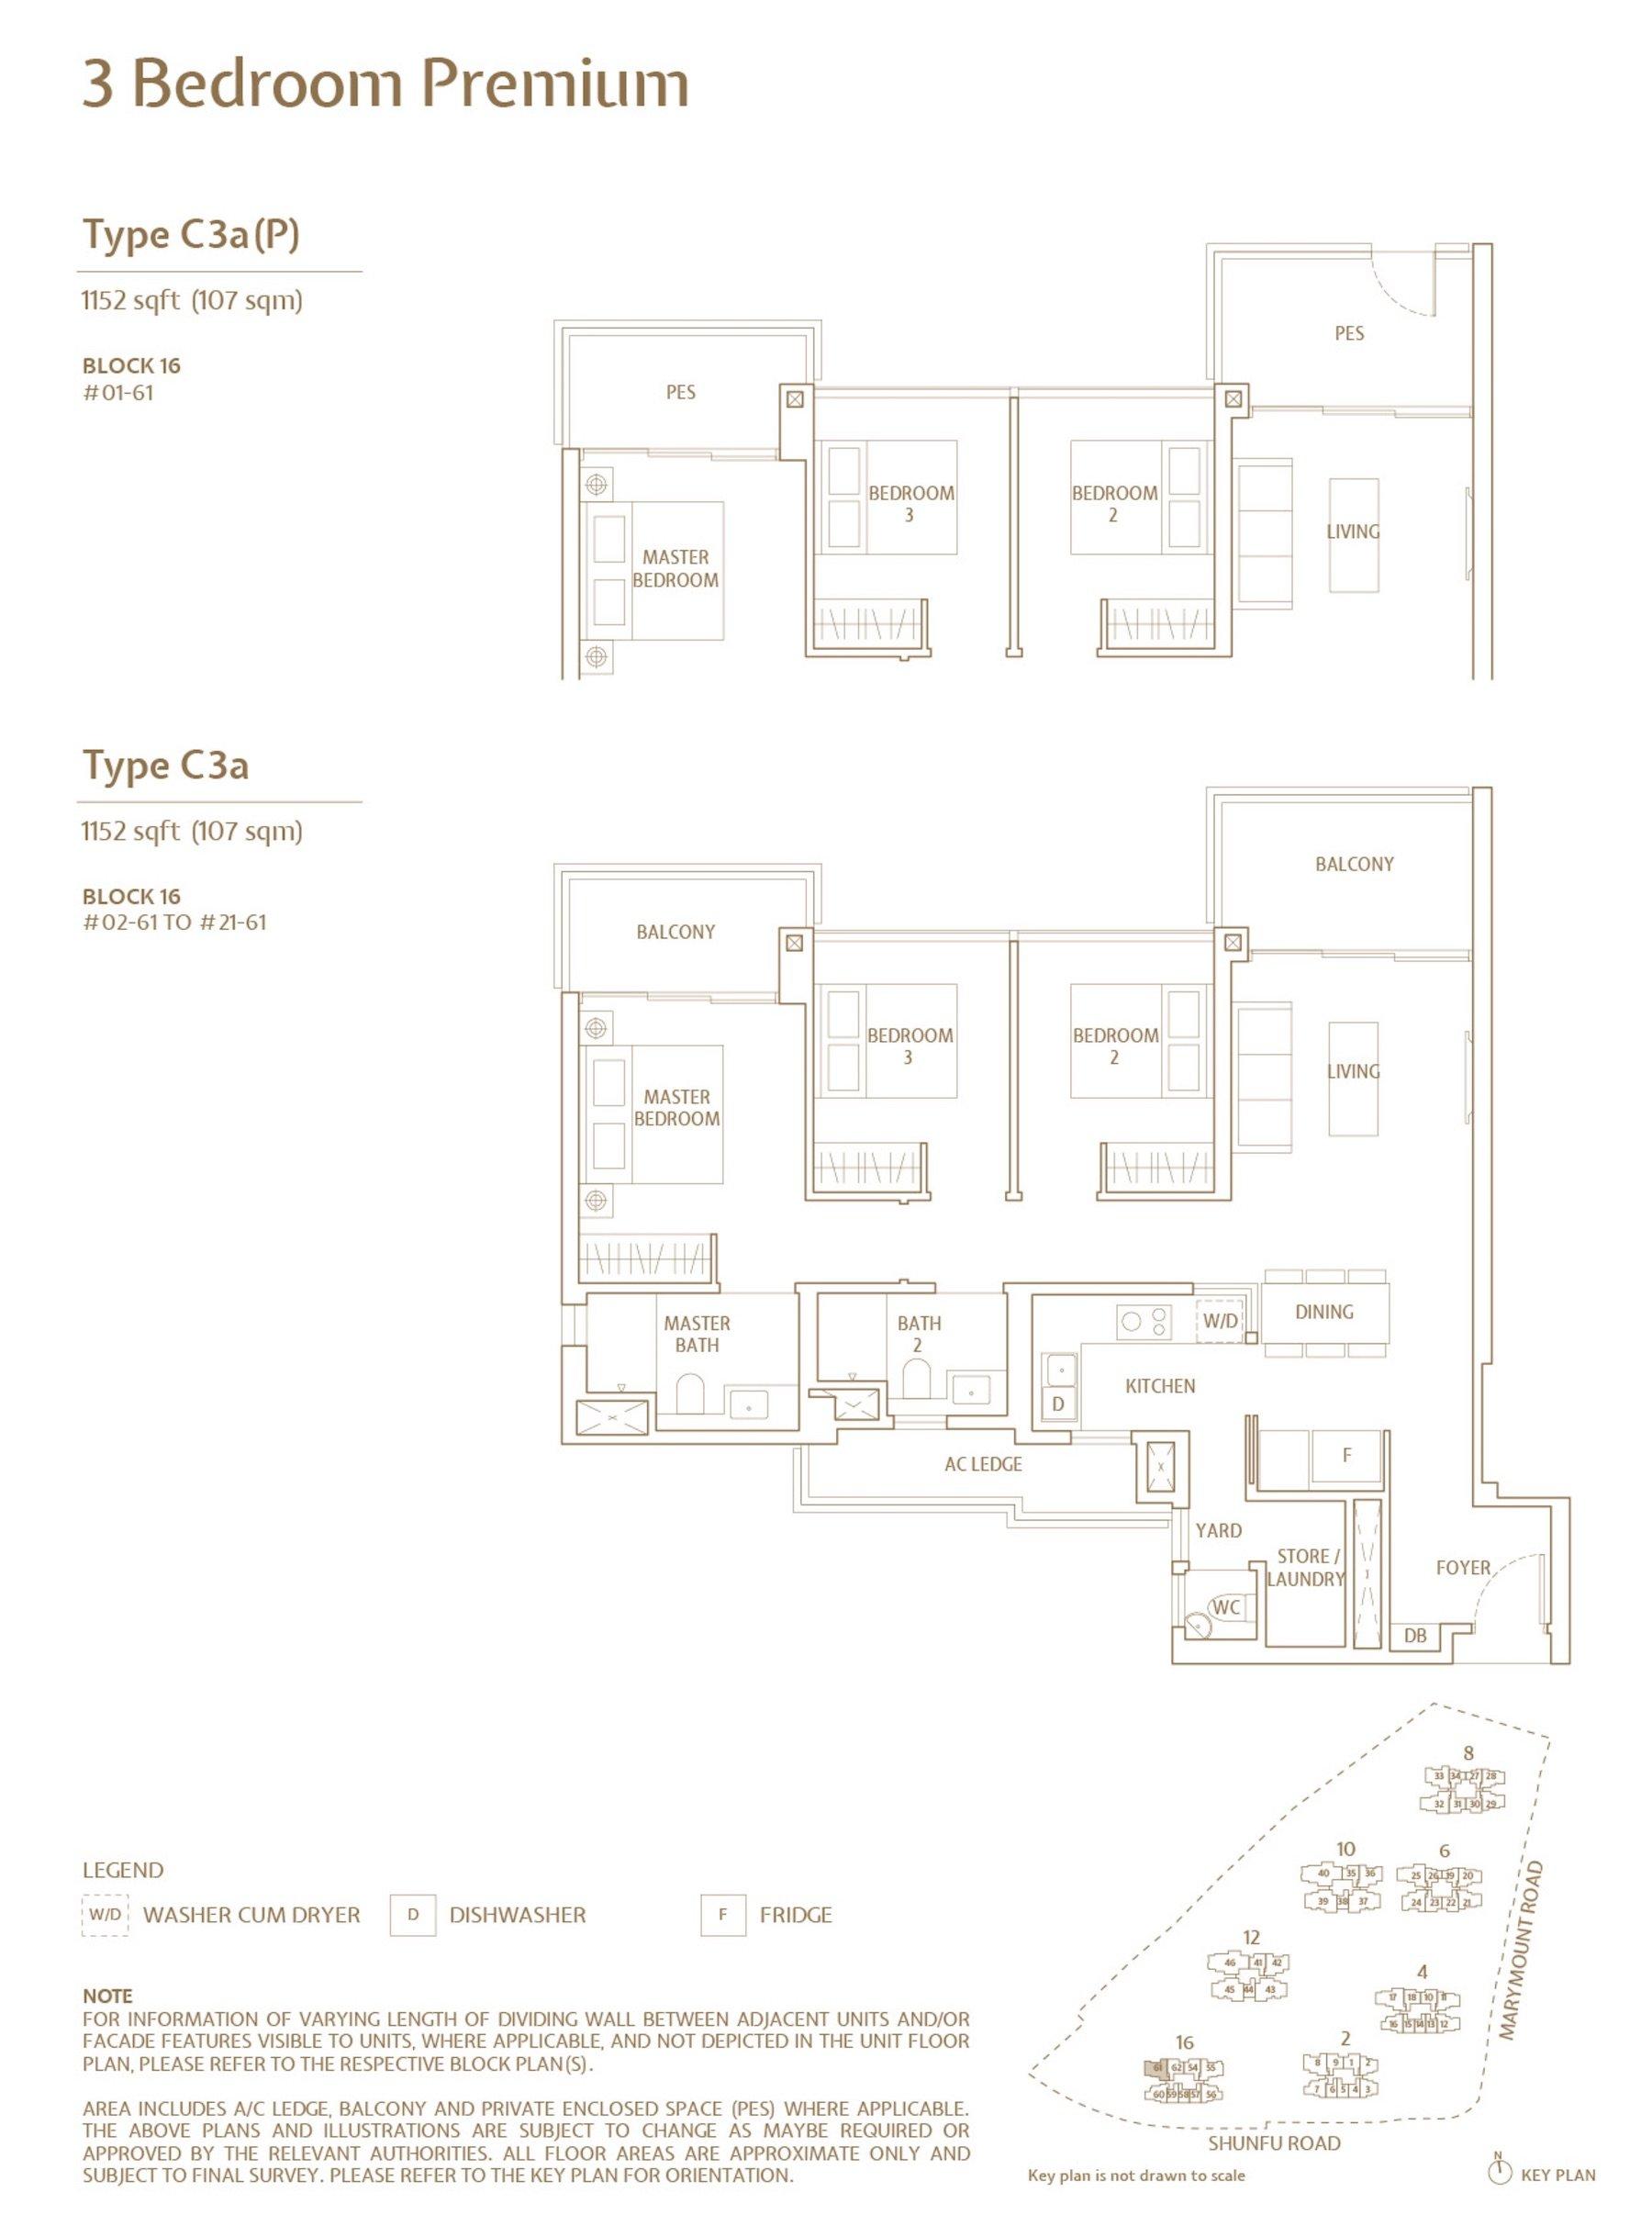 Jadescape 顺福轩 condo 3 bedroom type C3a